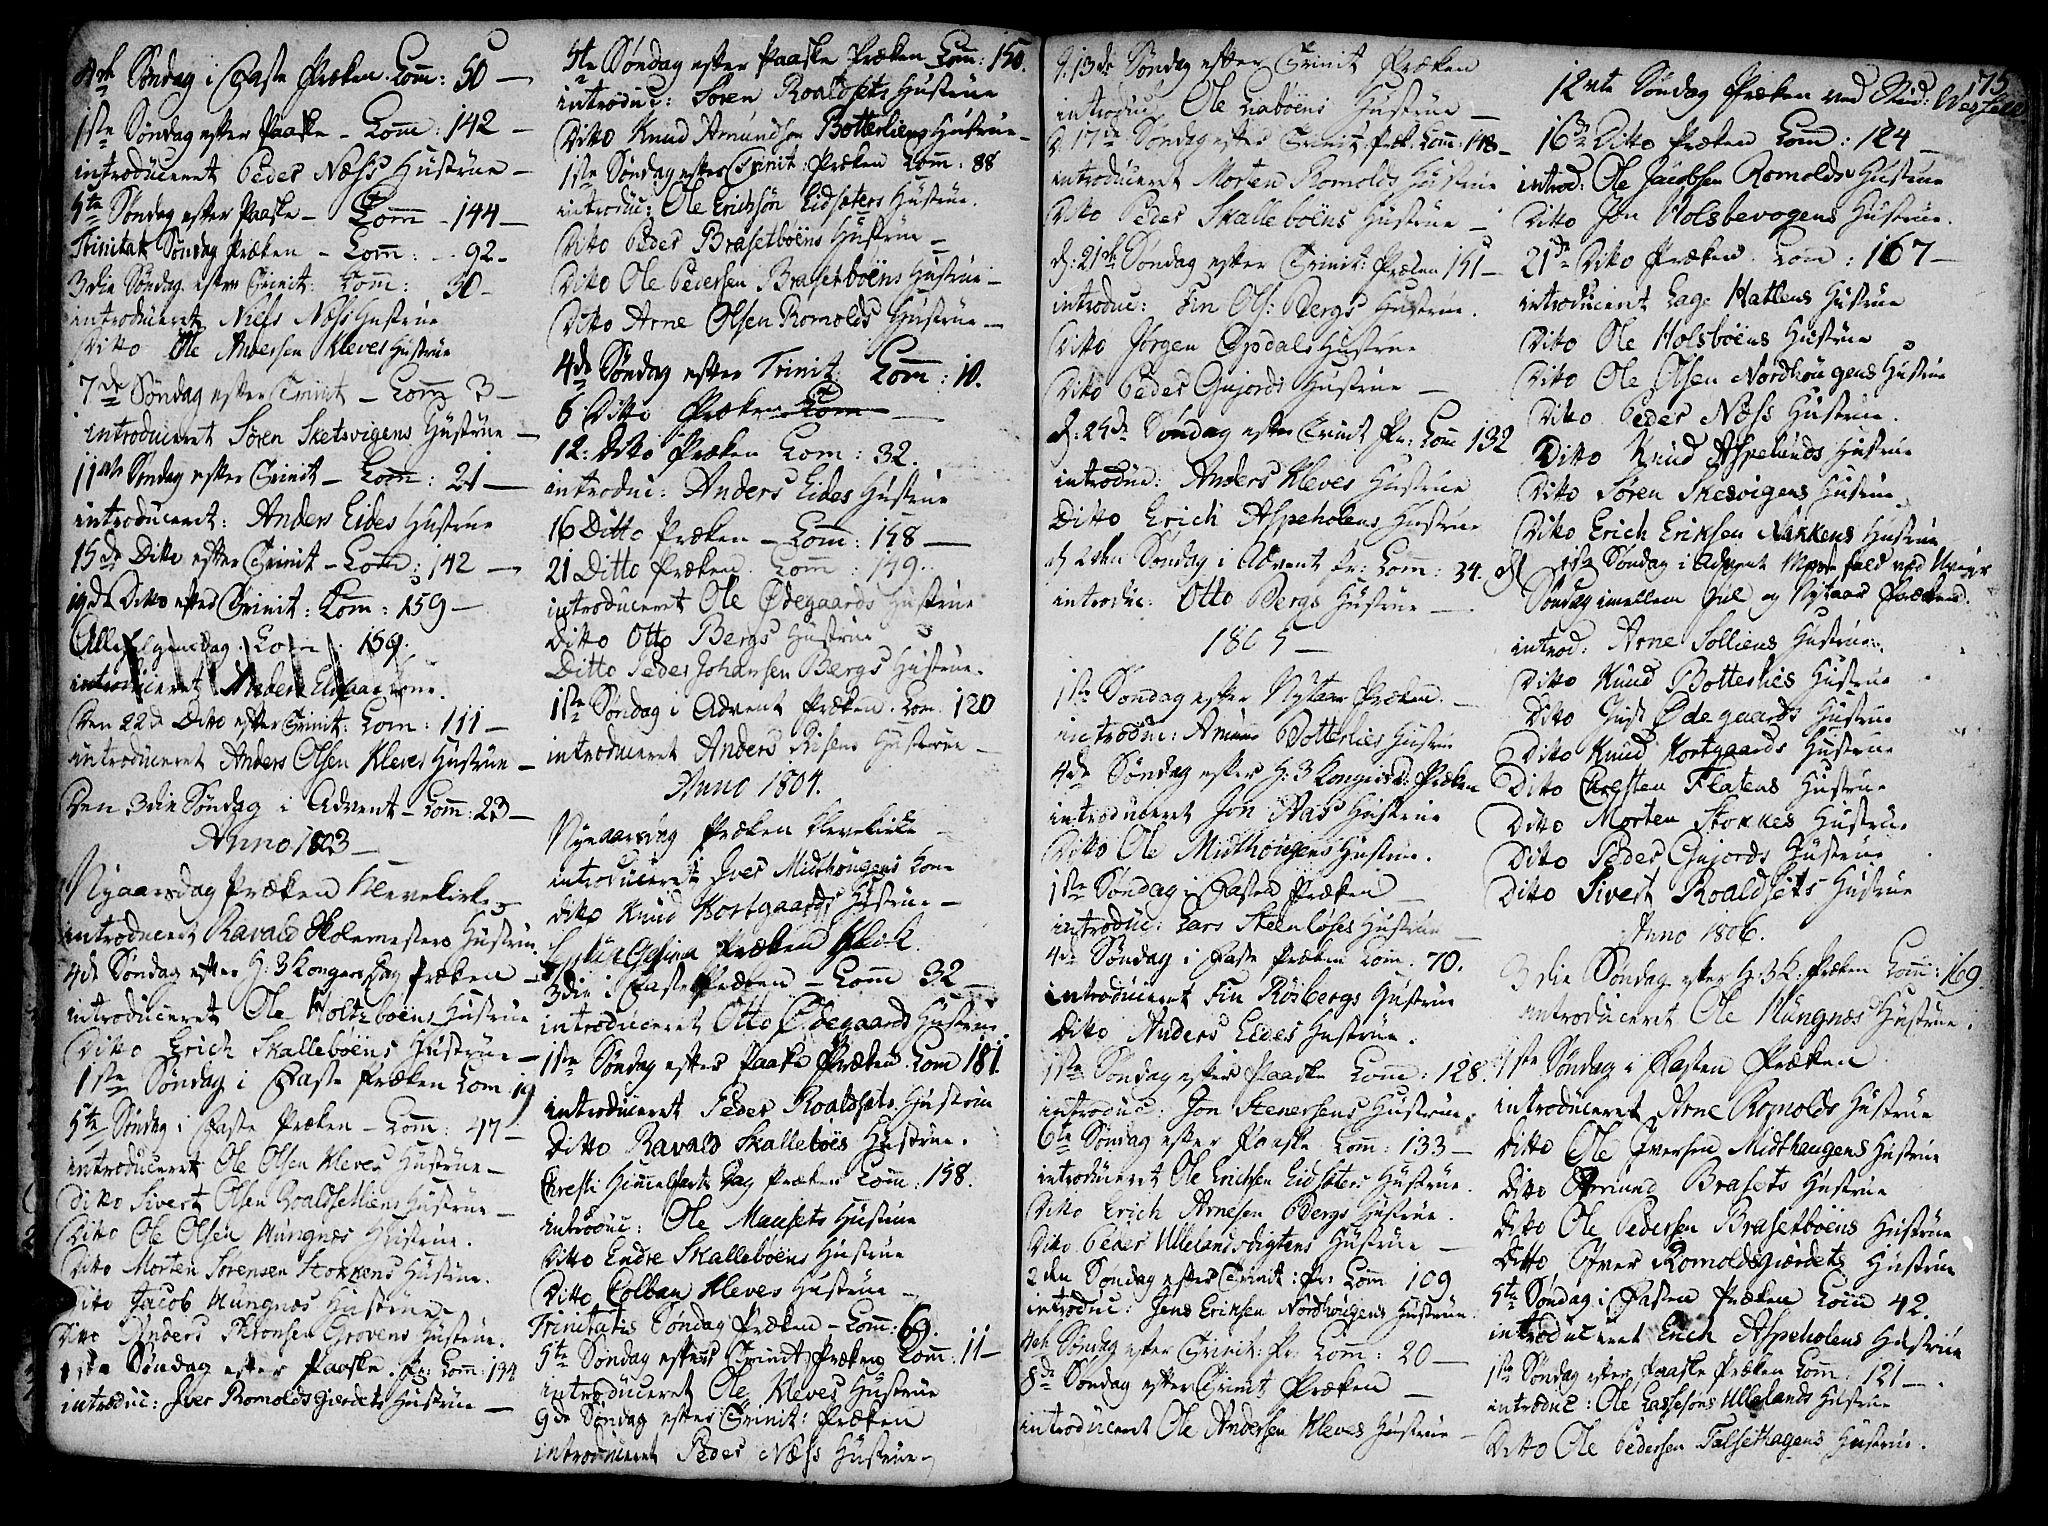 SAT, Ministerialprotokoller, klokkerbøker og fødselsregistre - Møre og Romsdal, 555/L0650: Ministerialbok nr. 555A02 /2, 1798-1821, s. 75